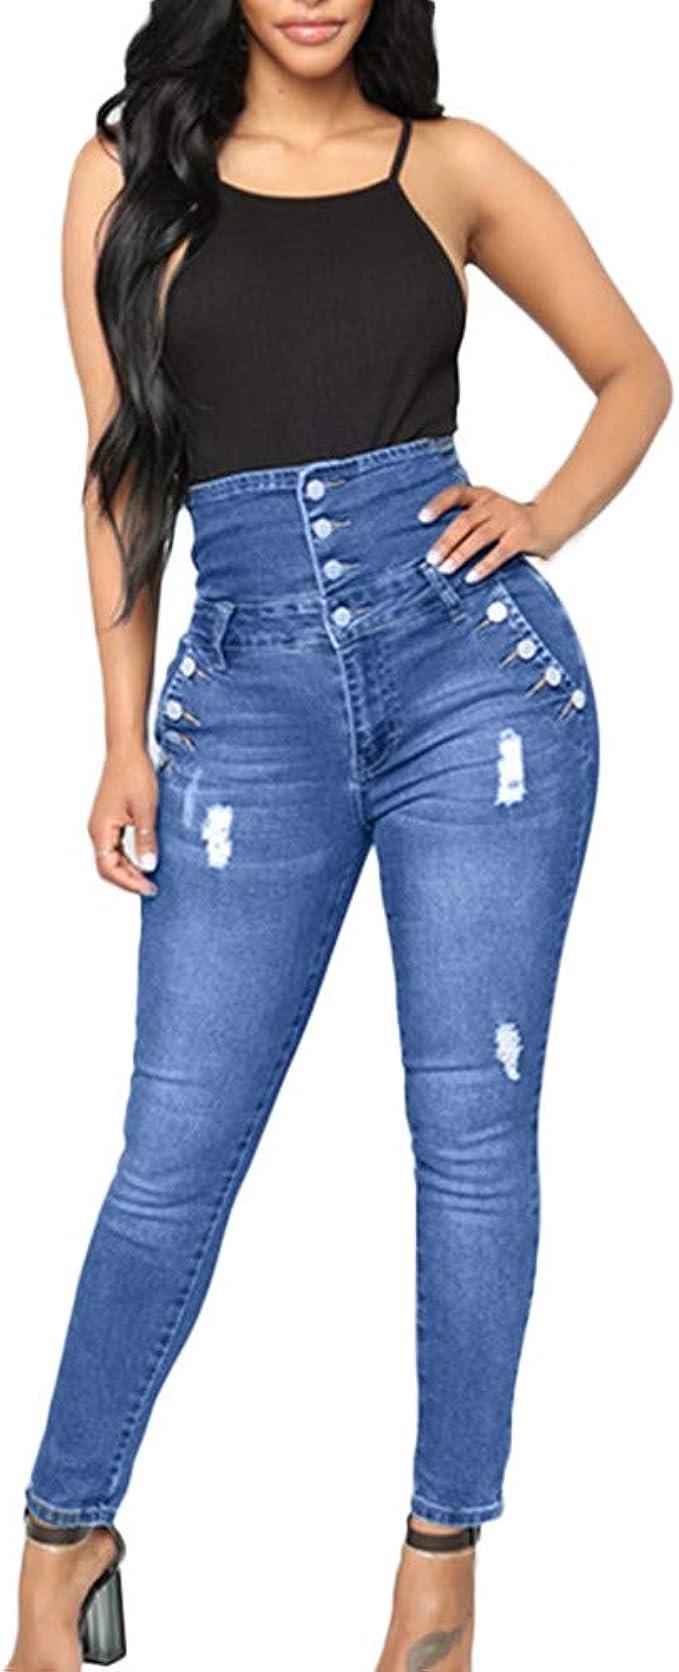 Strir Mezclilla Pantalones Mujer Retro Cintura Alta Vaqueros Con Botones Mujer Skinny Slim Fit Casual Jeans Largo Comodo Denim Pantalones Streetwear Amazon Es Ropa Y Accesorios